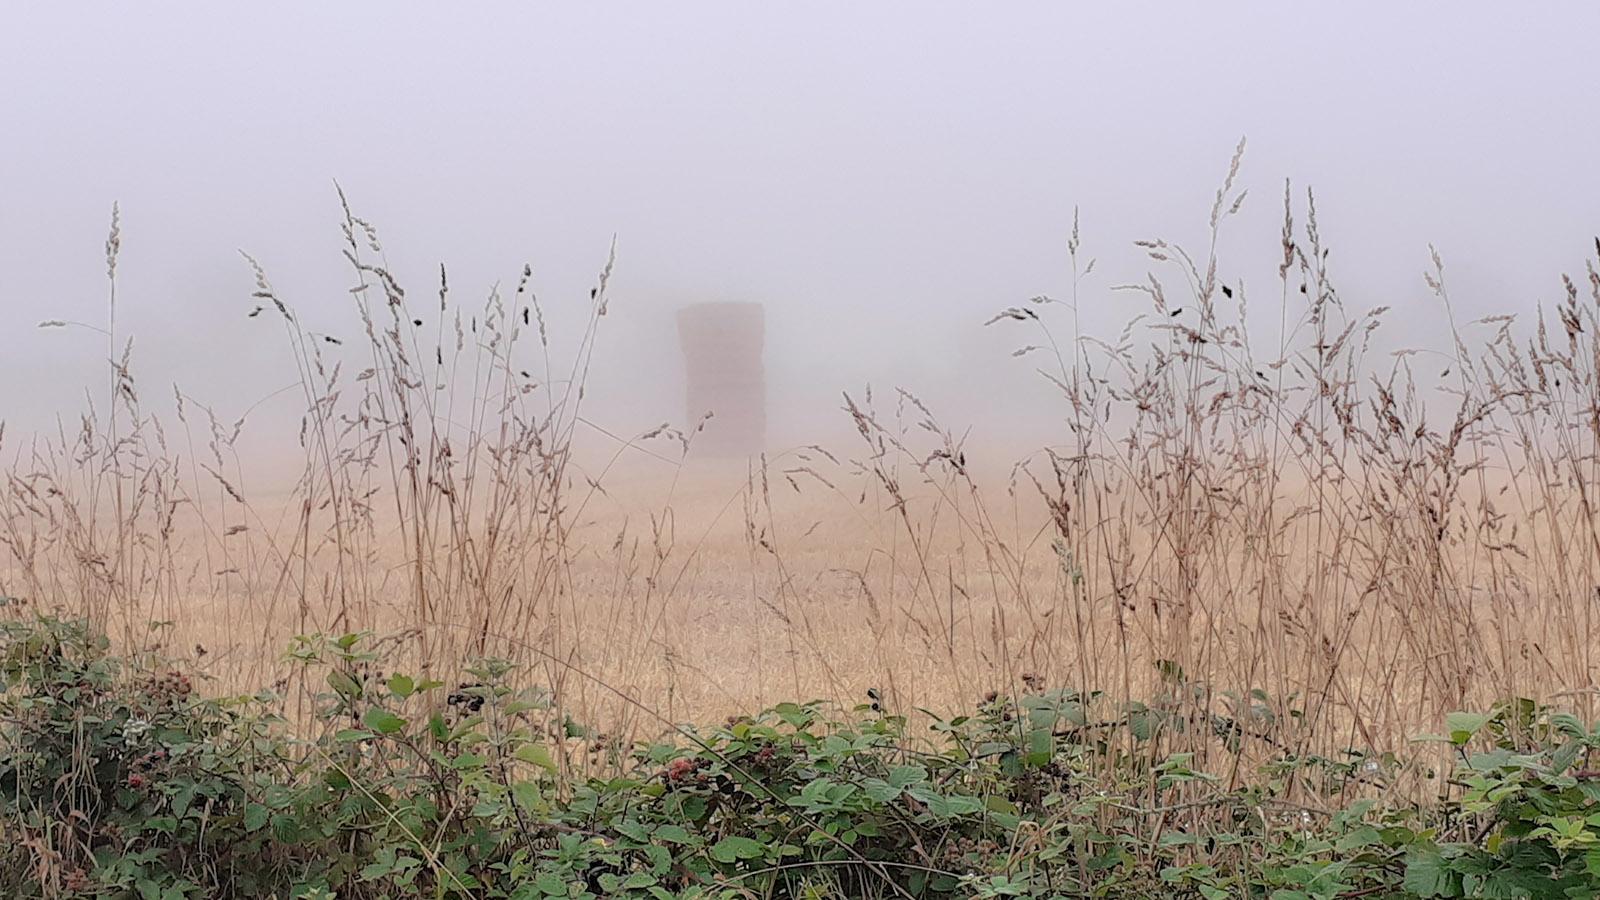 Mystische Erscheinung im Nebel. Foto: Silvia Wigger